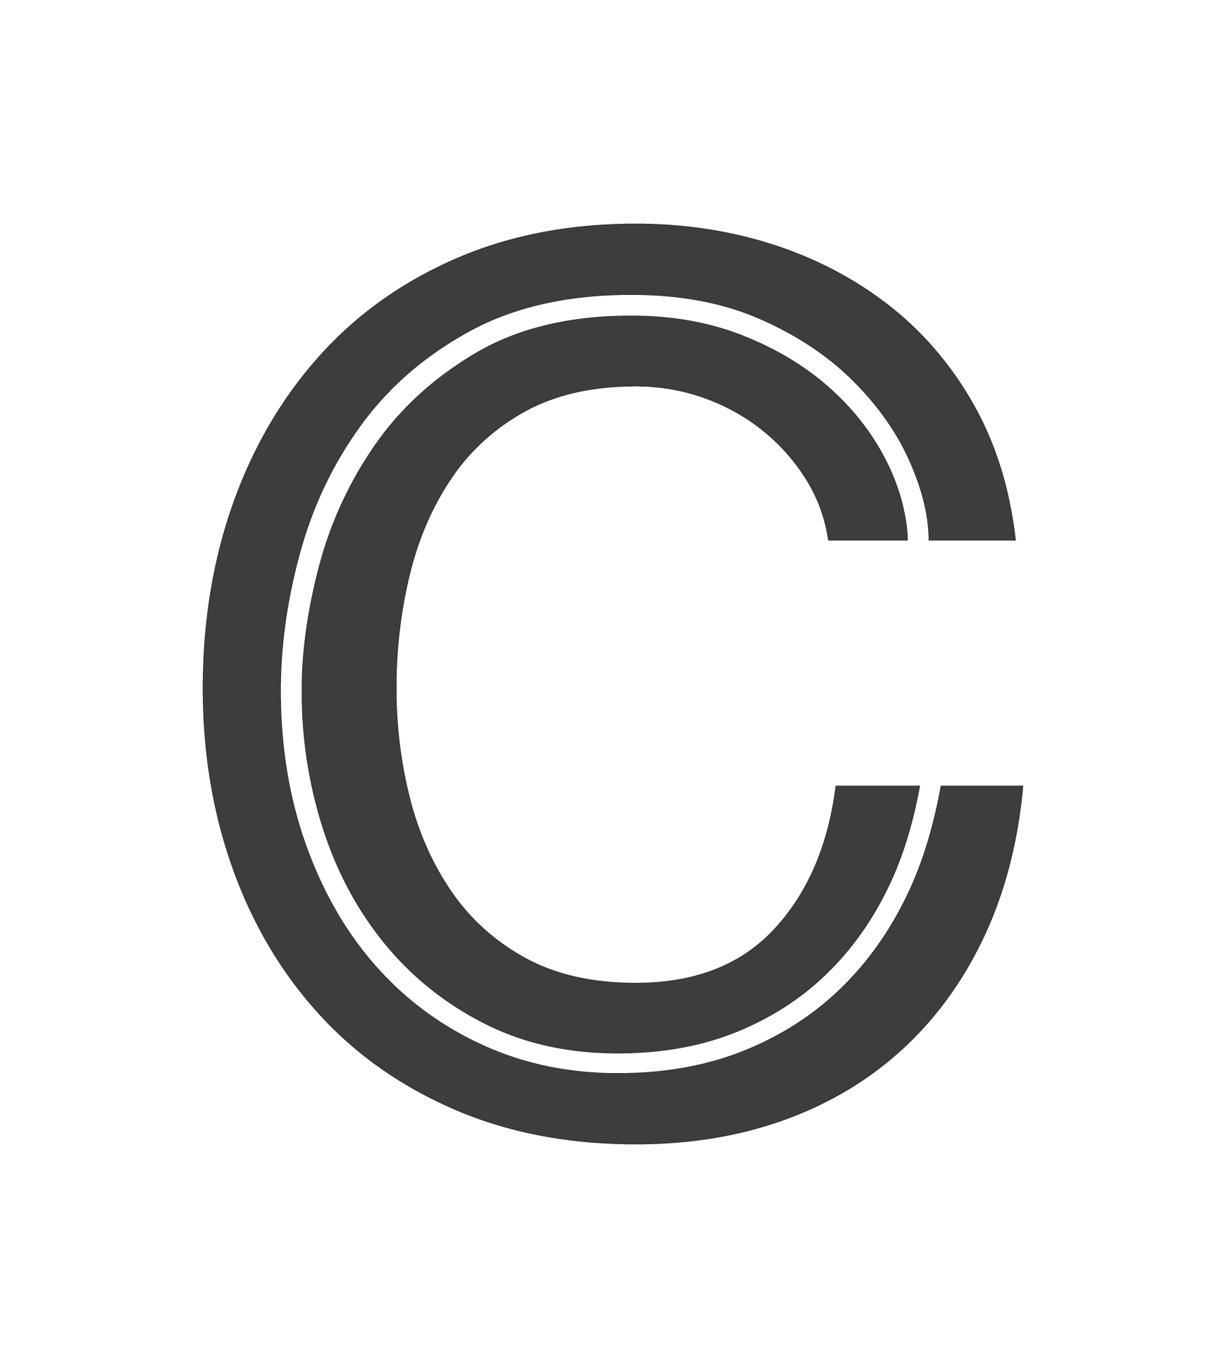 Cooperbility on LogoLounge